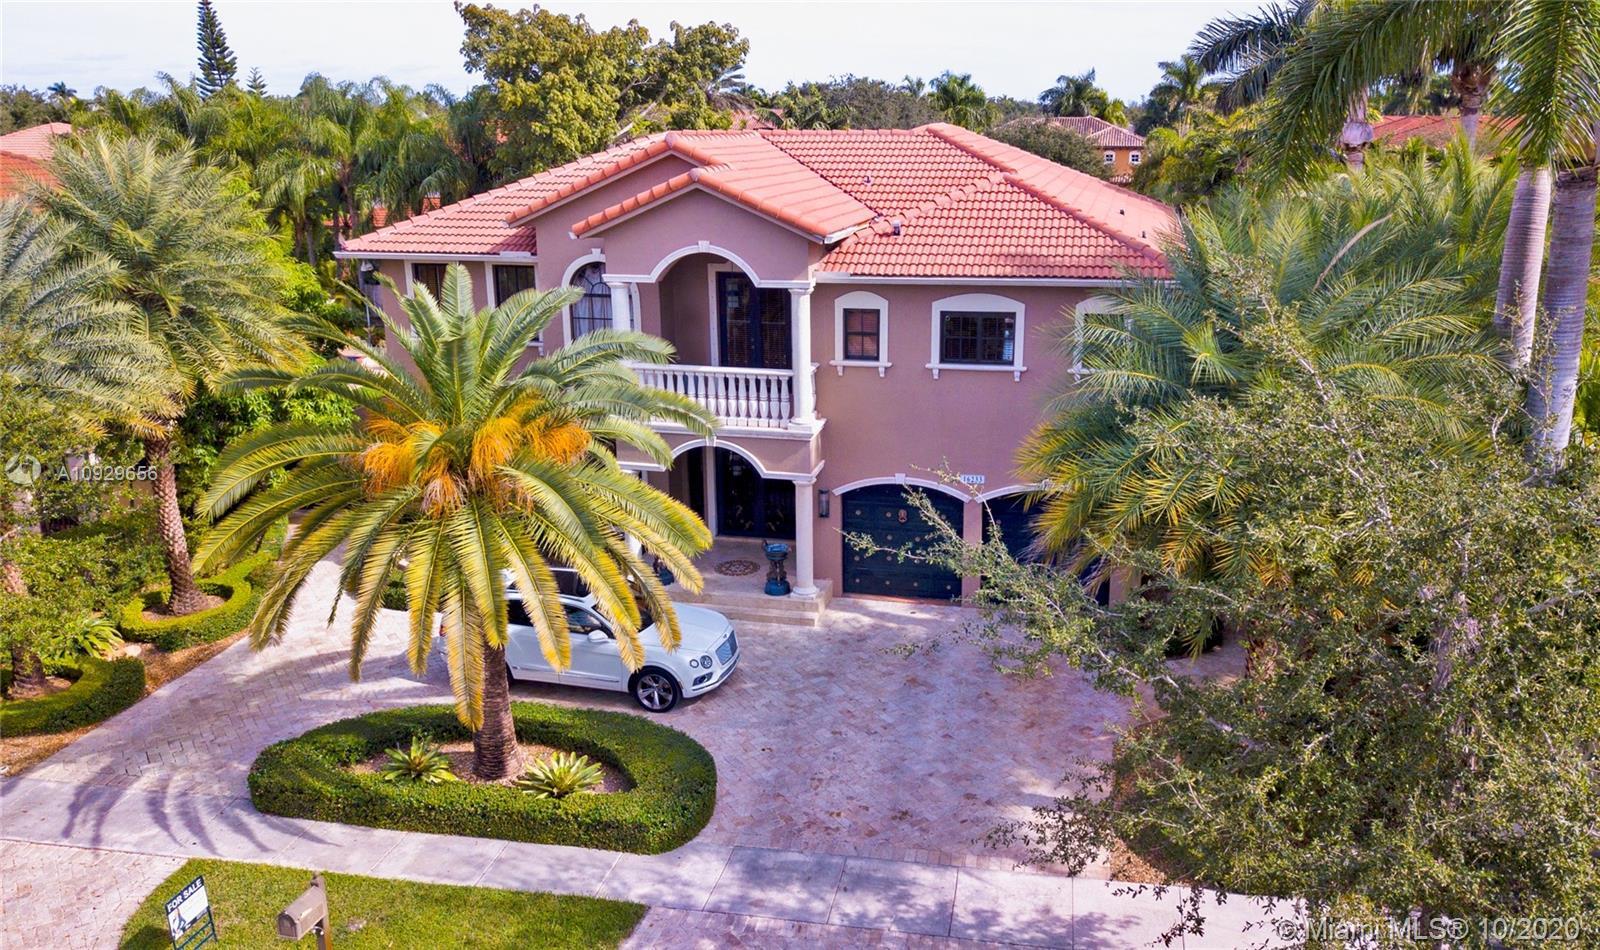 Miami Lakes - 16233 NW 86th Ct, Miami Lakes, FL 33016